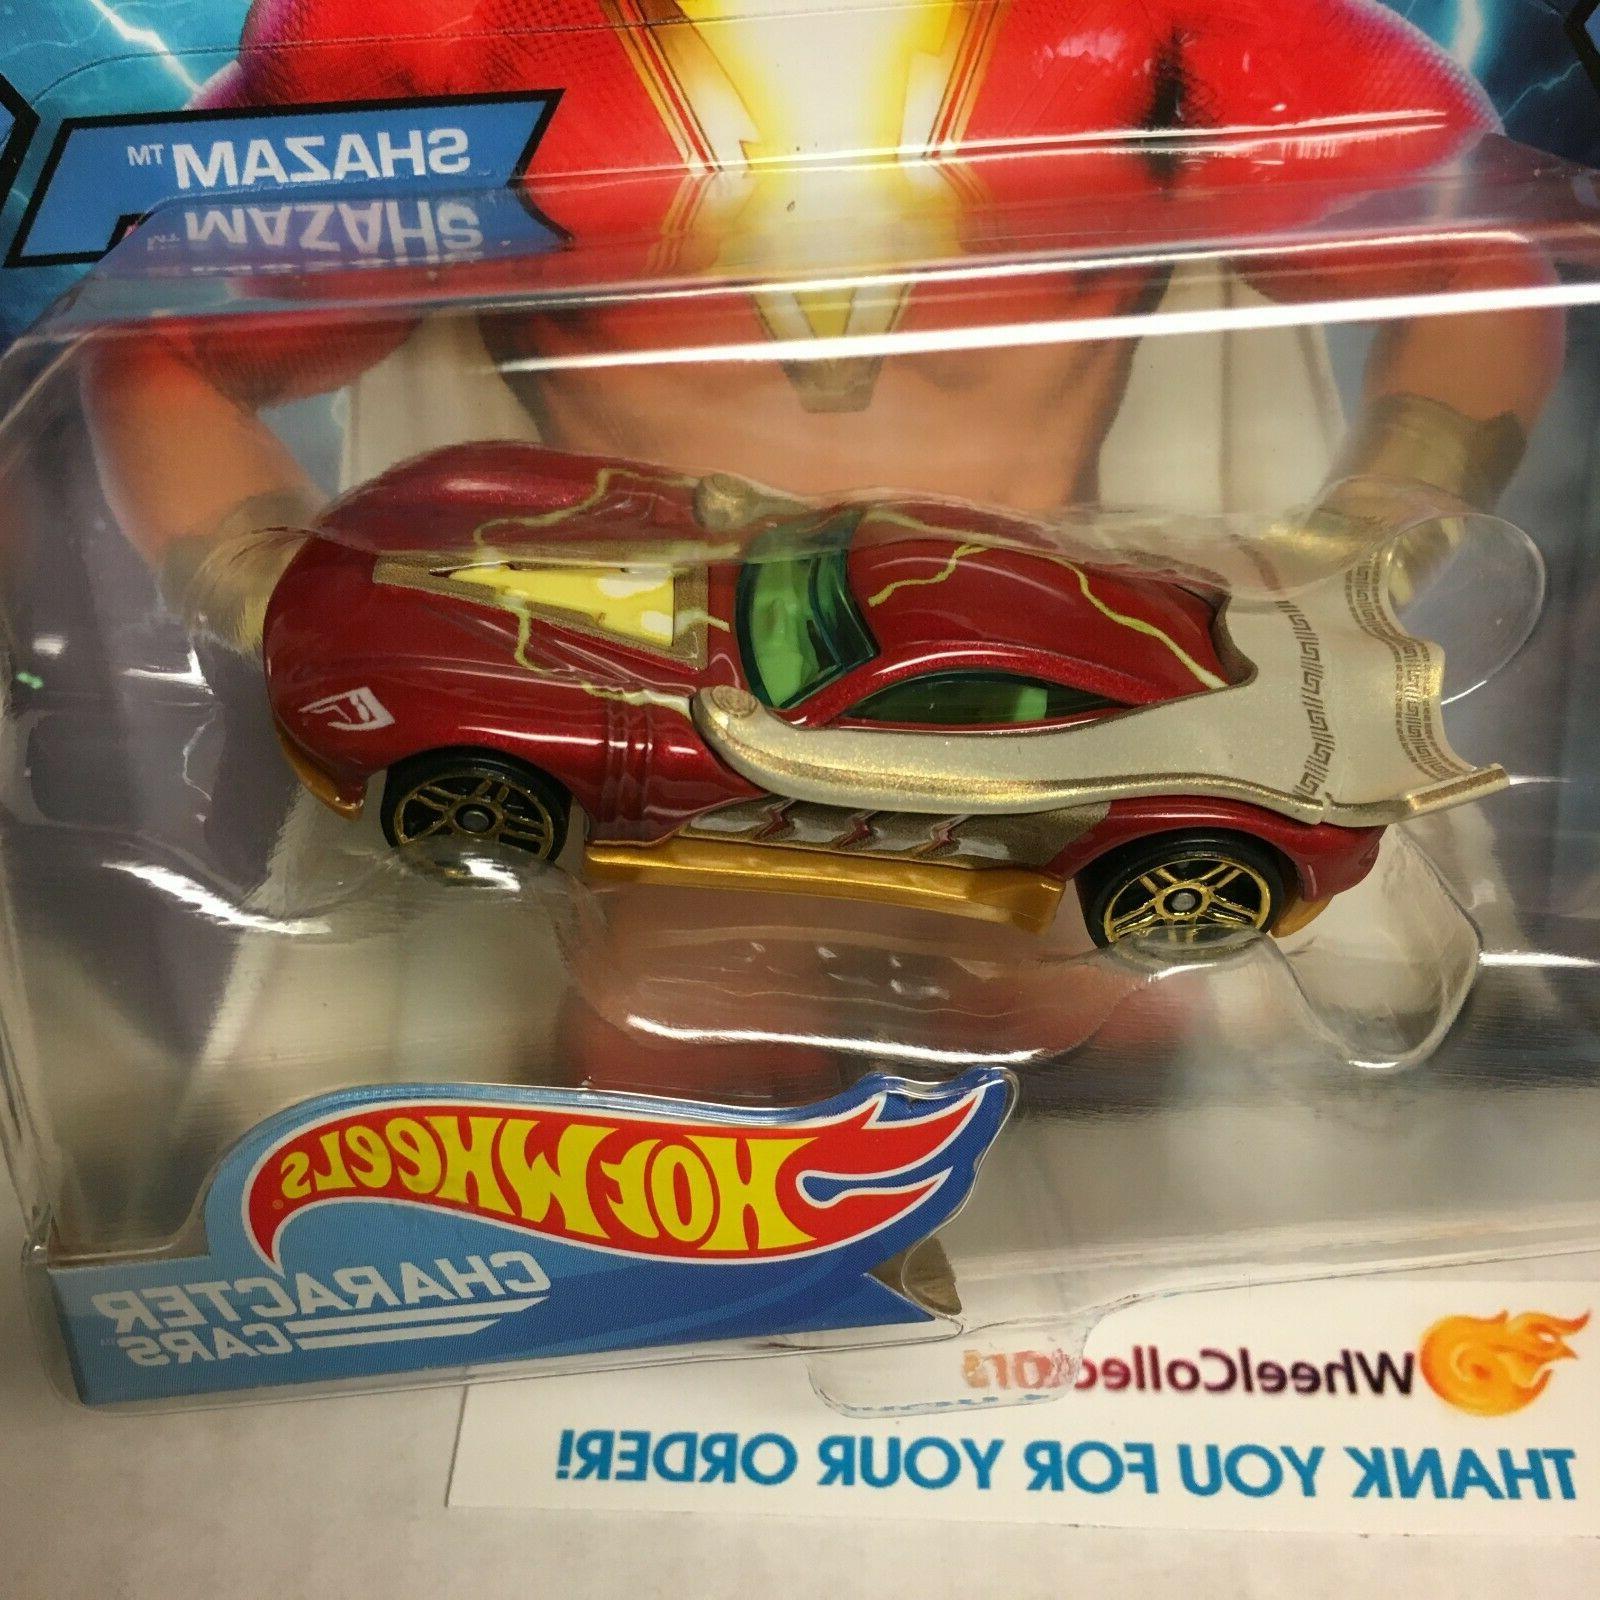 Shazam Hot Character